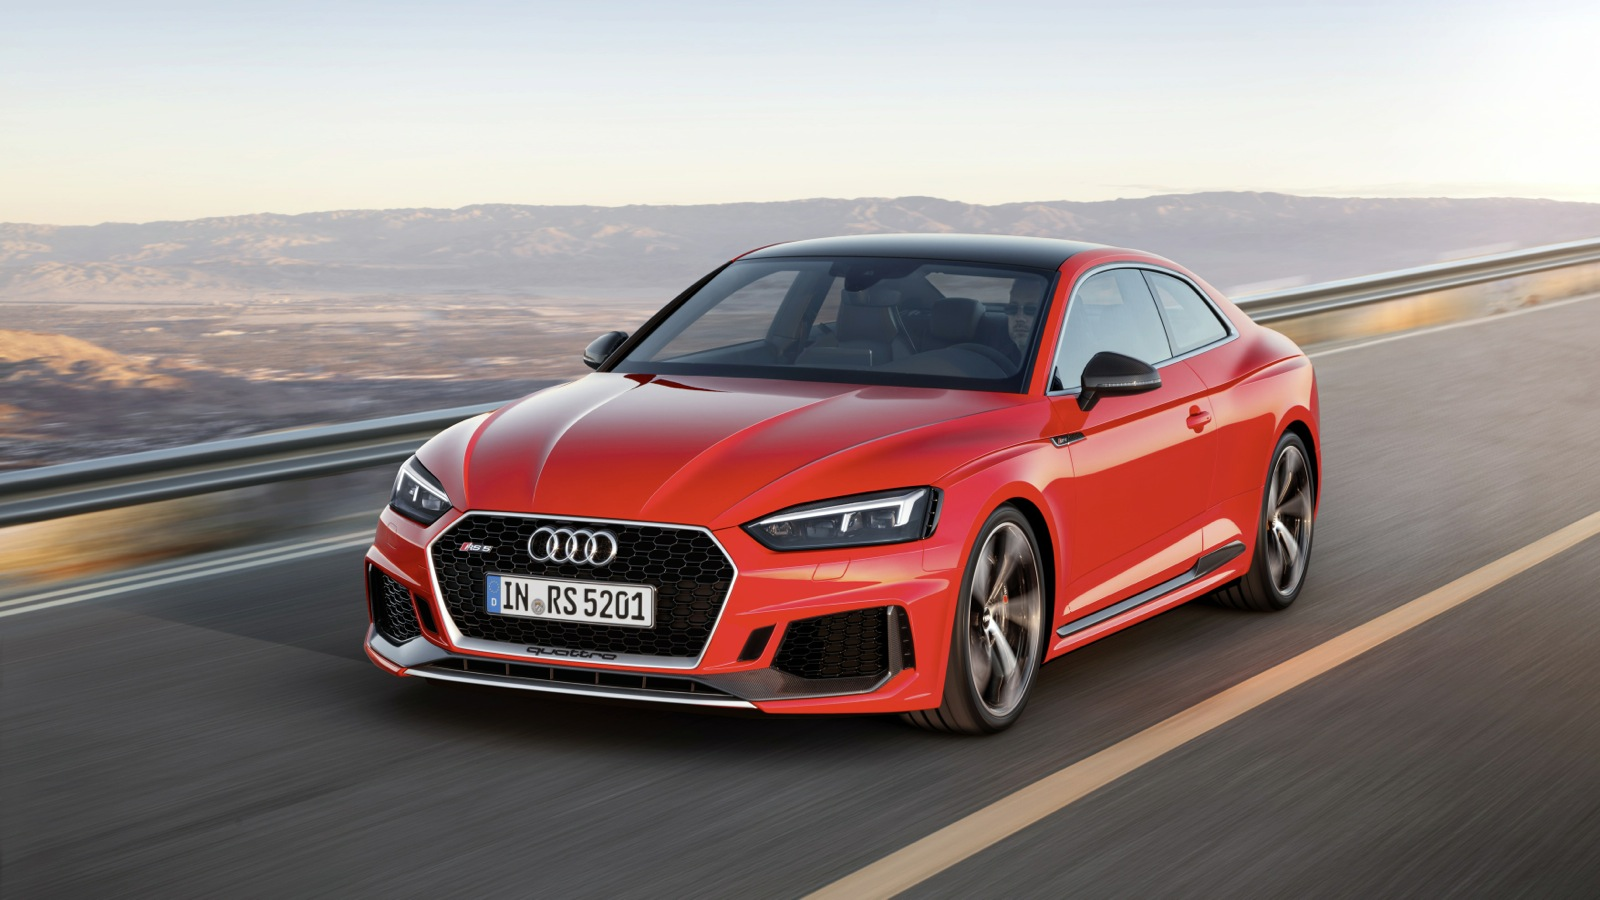 Специалисты испытали на трассах спортивную версию купе Ауди RS5 сатмосферным двигателем